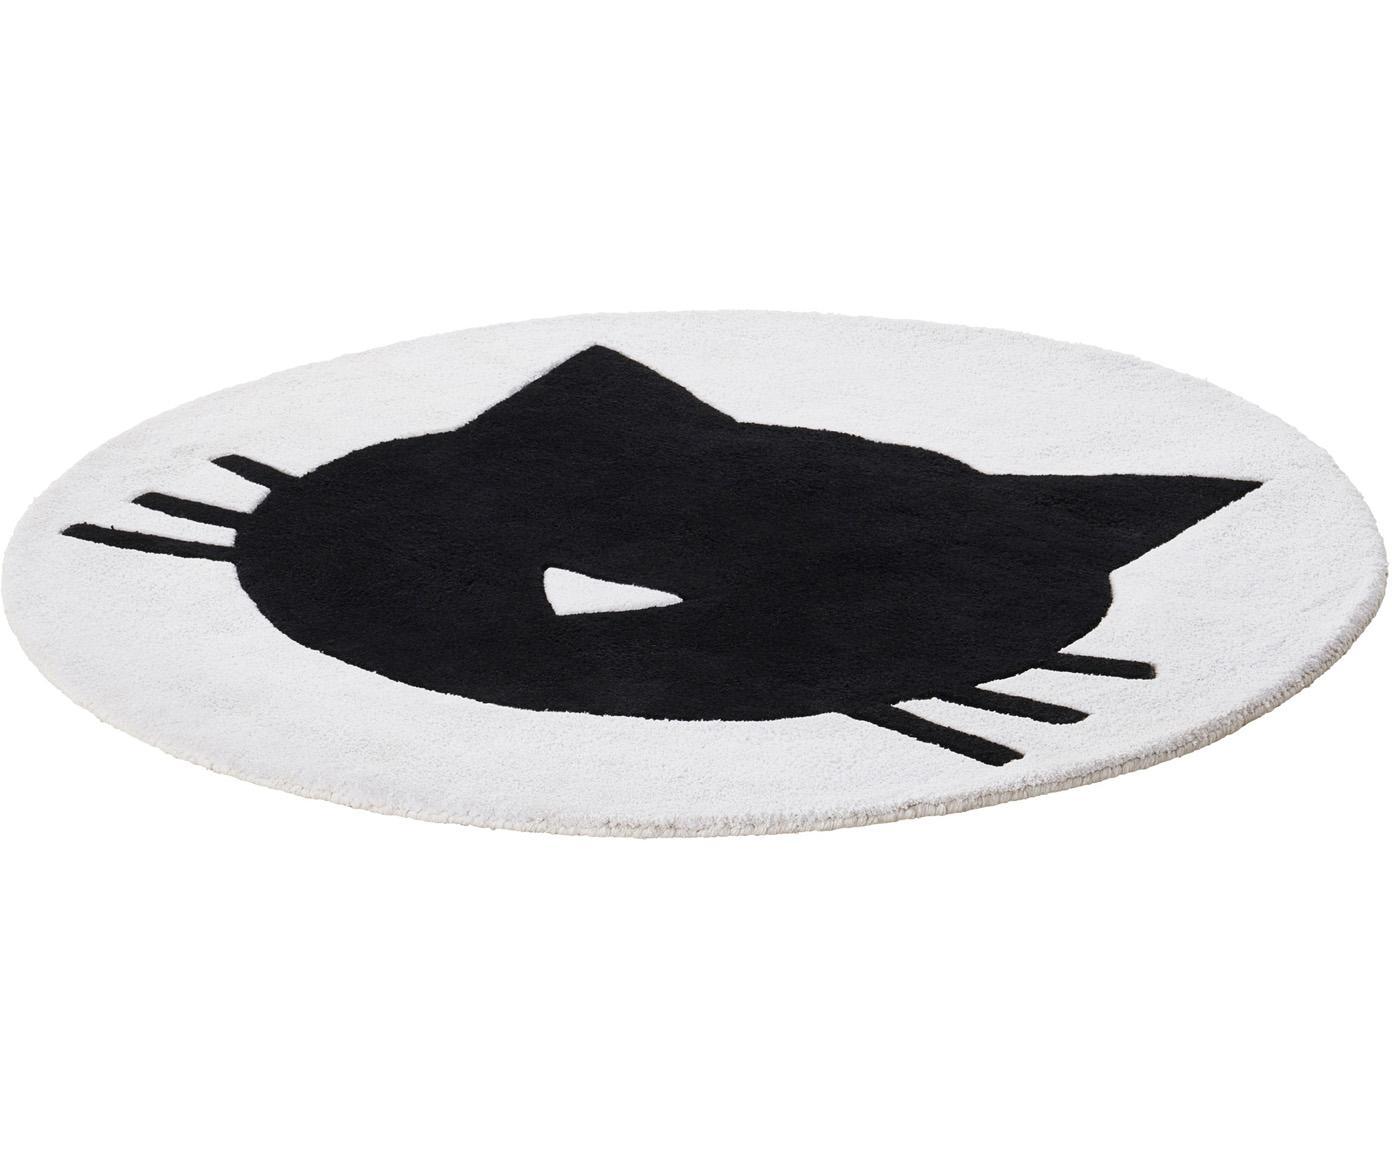 Teppich El Gato, 100% Baumwolle, 1200 g/m², Weiß, Ø 120 cm (Größe S)